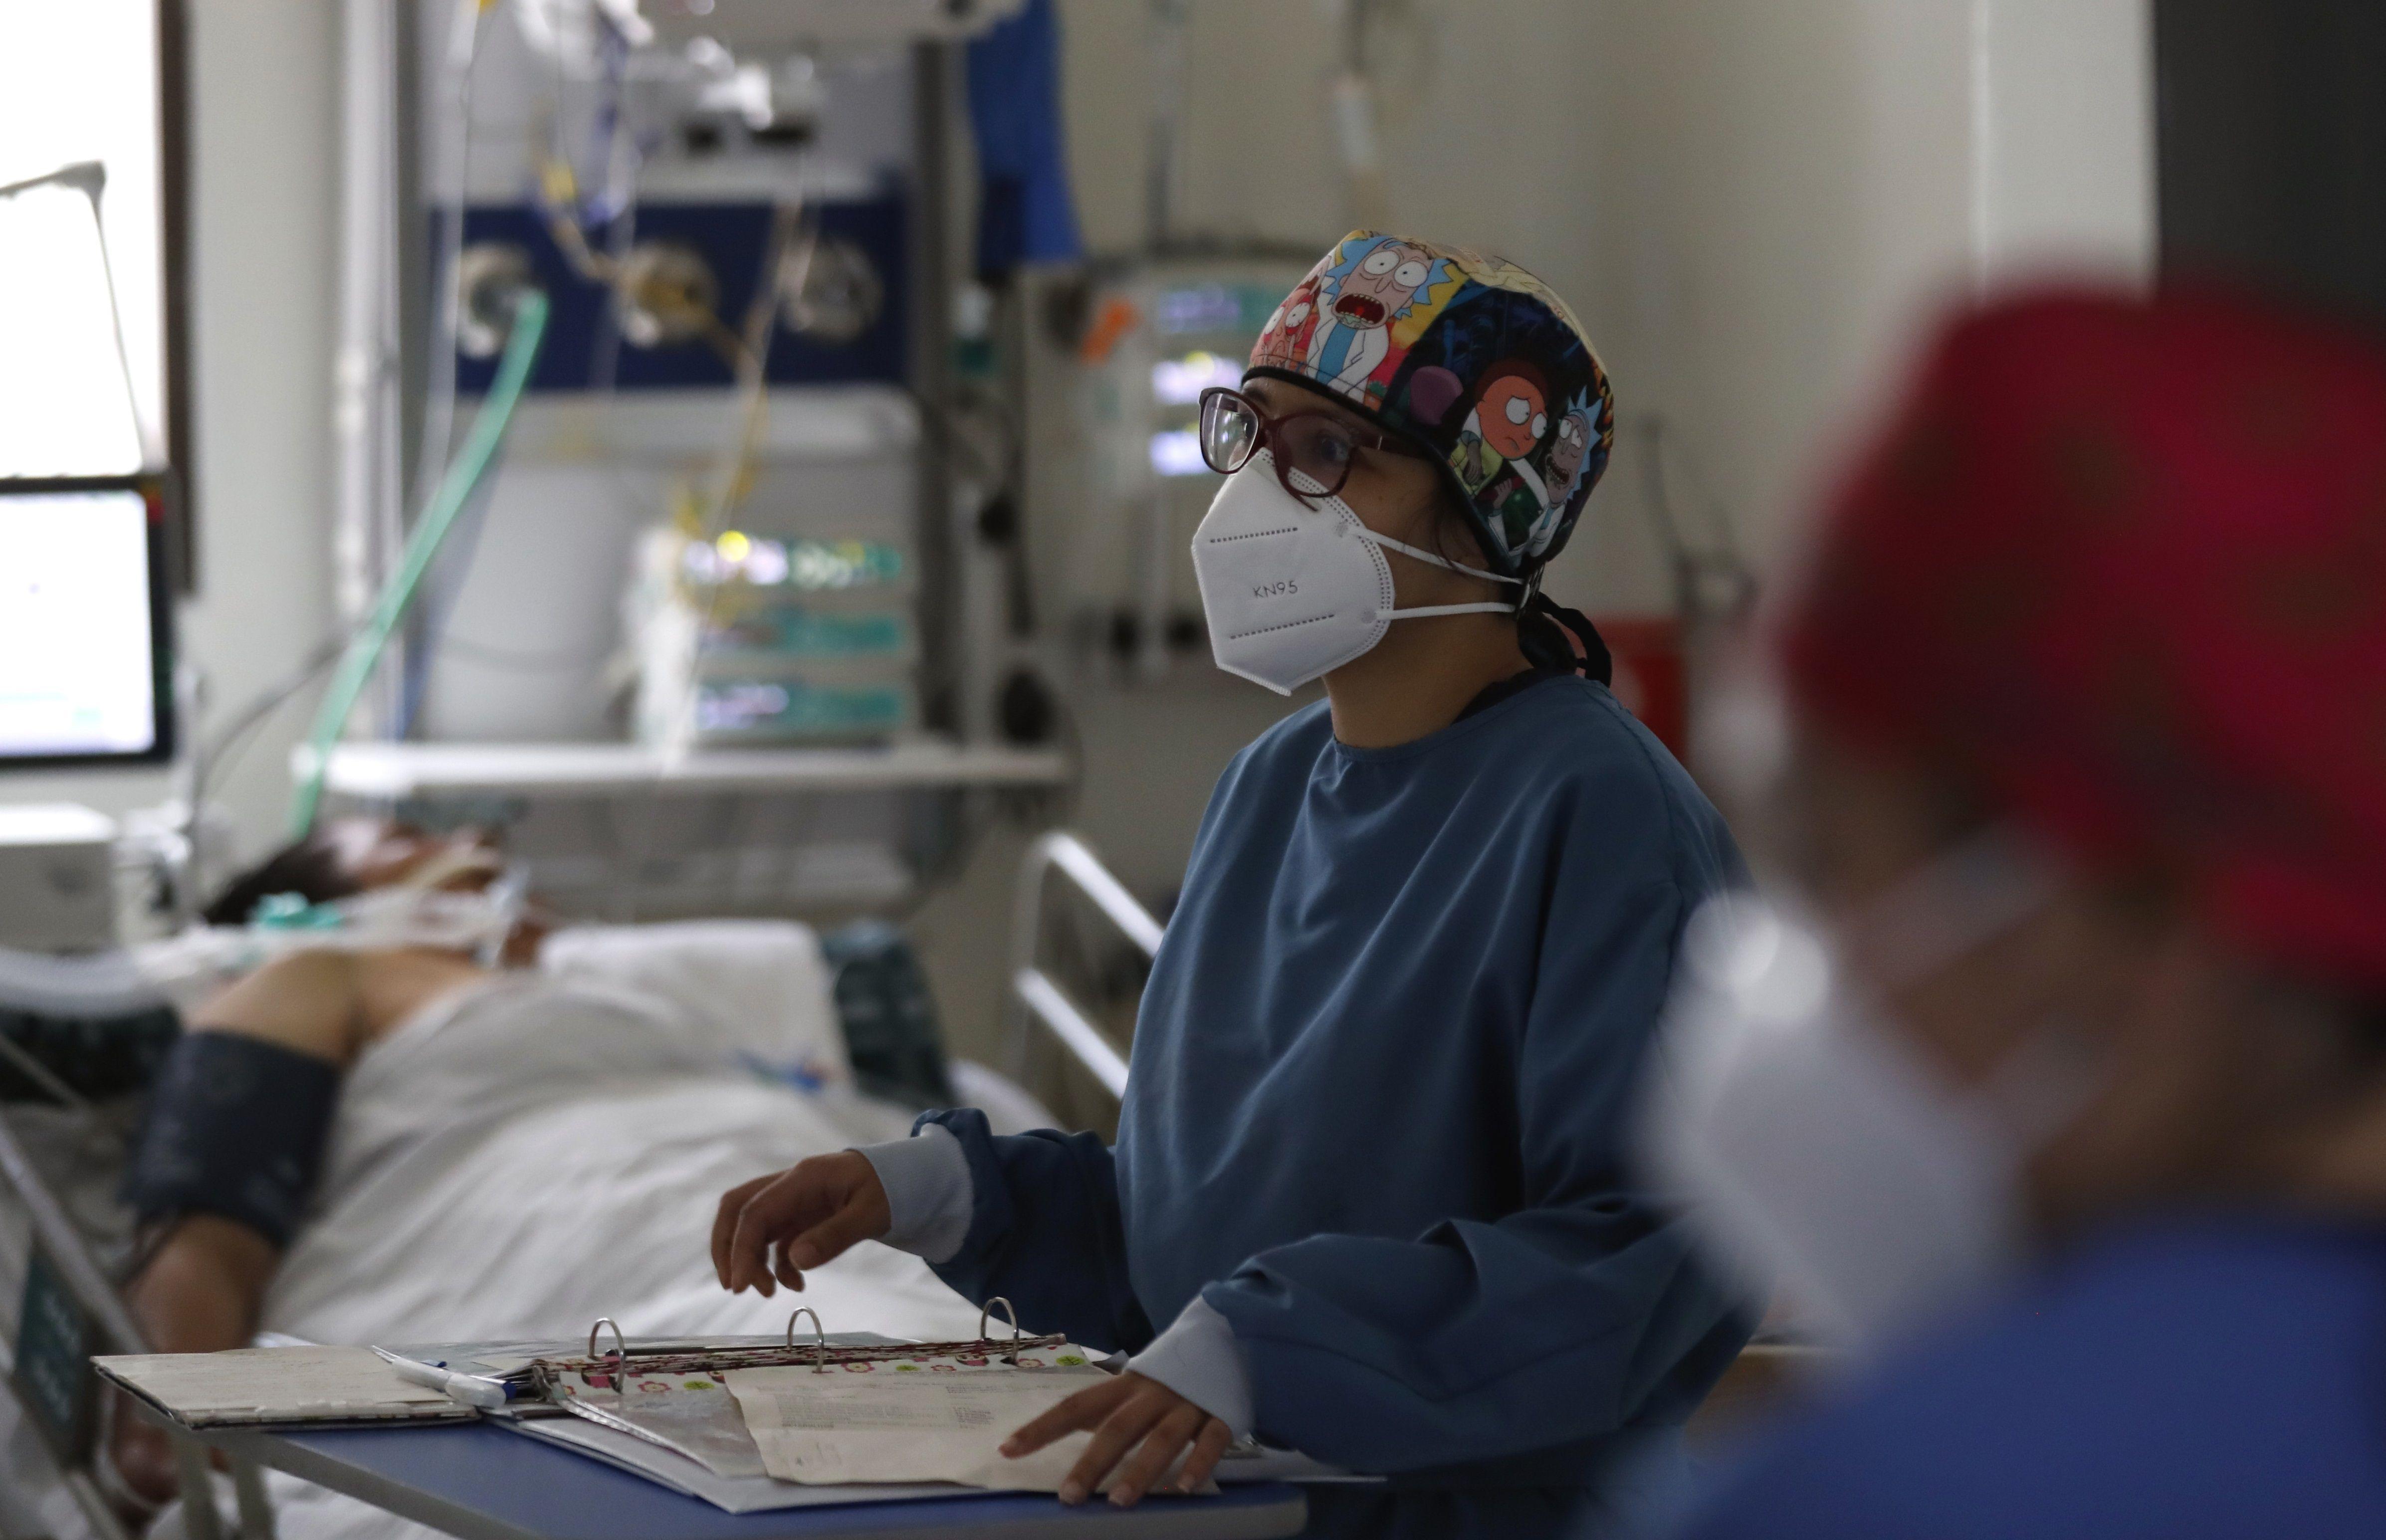 Colombia acumula 49.792 decesos por covid-19, en momentos en los que atraviesa la segunda ola de la emergencia sanitaria, según el Ministerio de Salud colombiano. EFE/ Mauricio Dueñas/Archivo